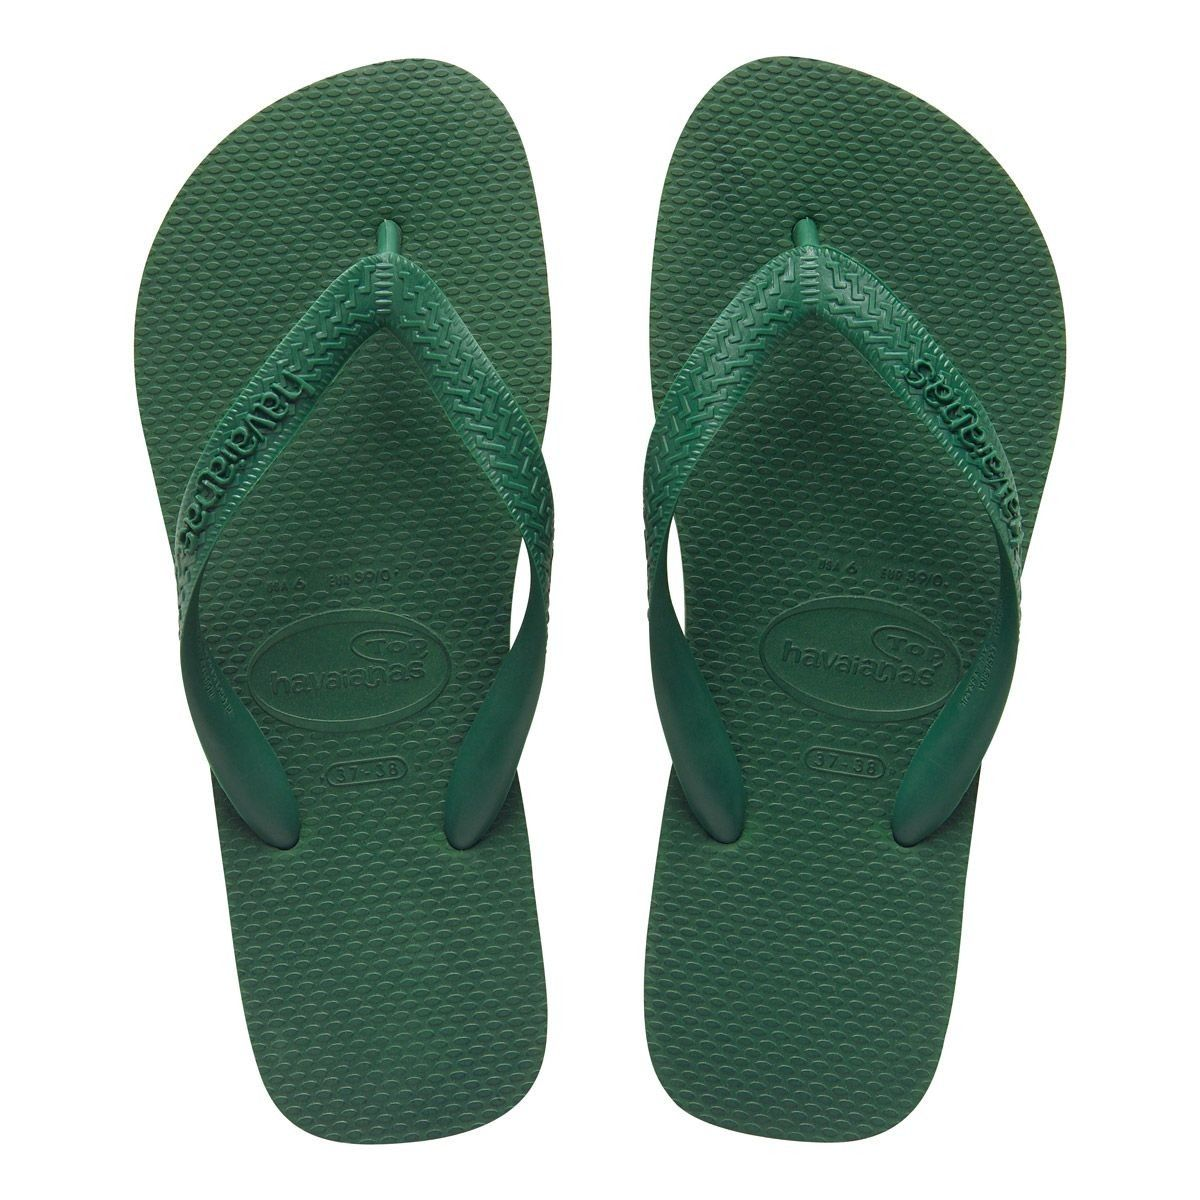 Havaianas Flip Flops And Sandals Mens Flip Flops Best Mens Flip Flops Havaianas Flip Flops